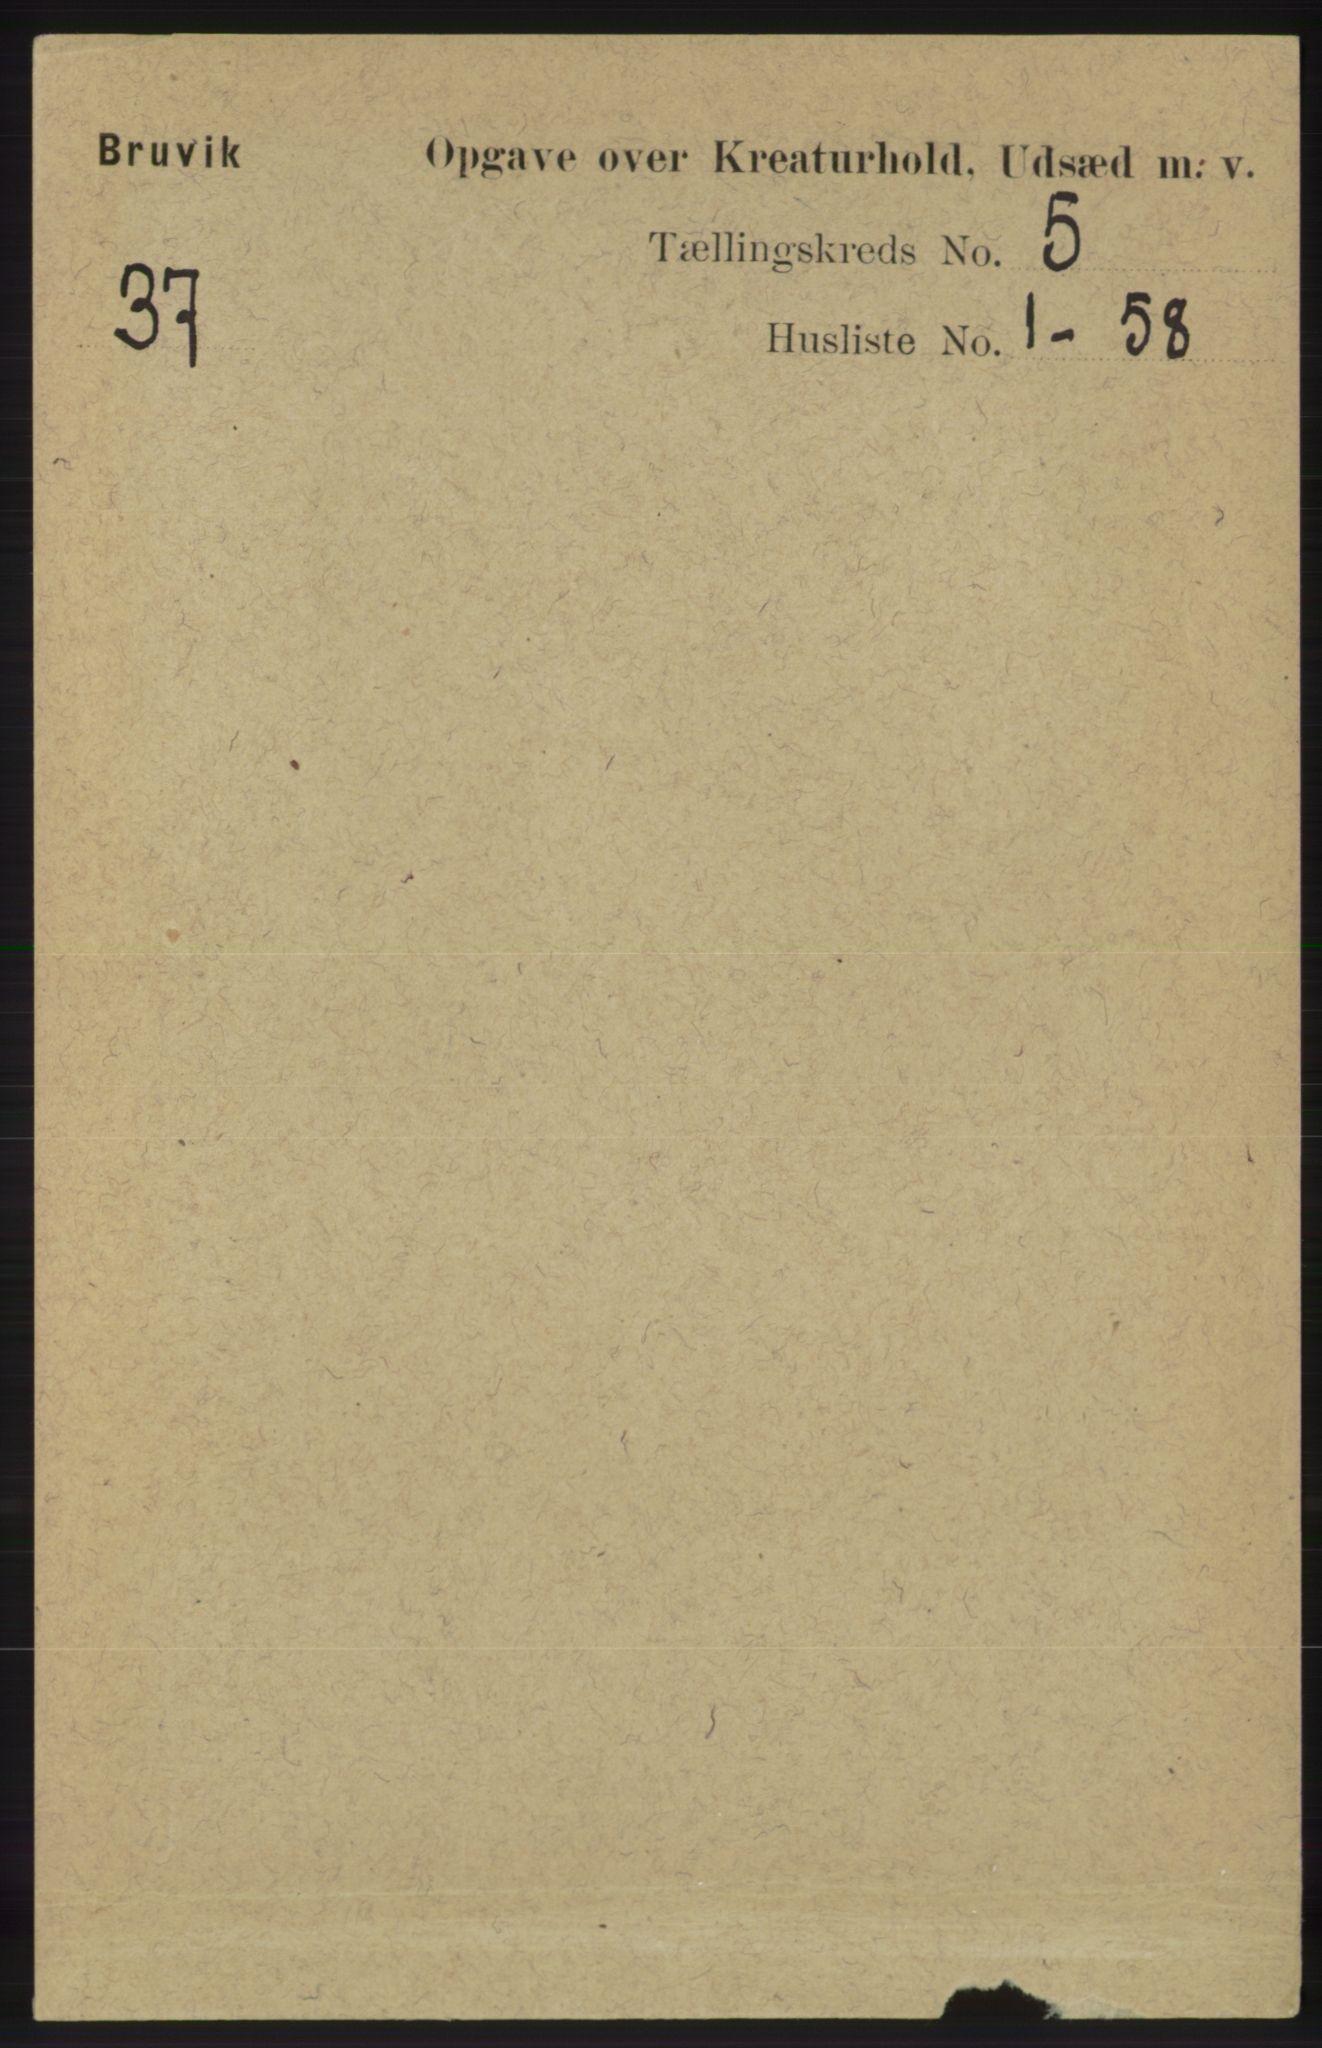 RA, Folketelling 1891 for 1251 Bruvik herred, 1891, s. 4440